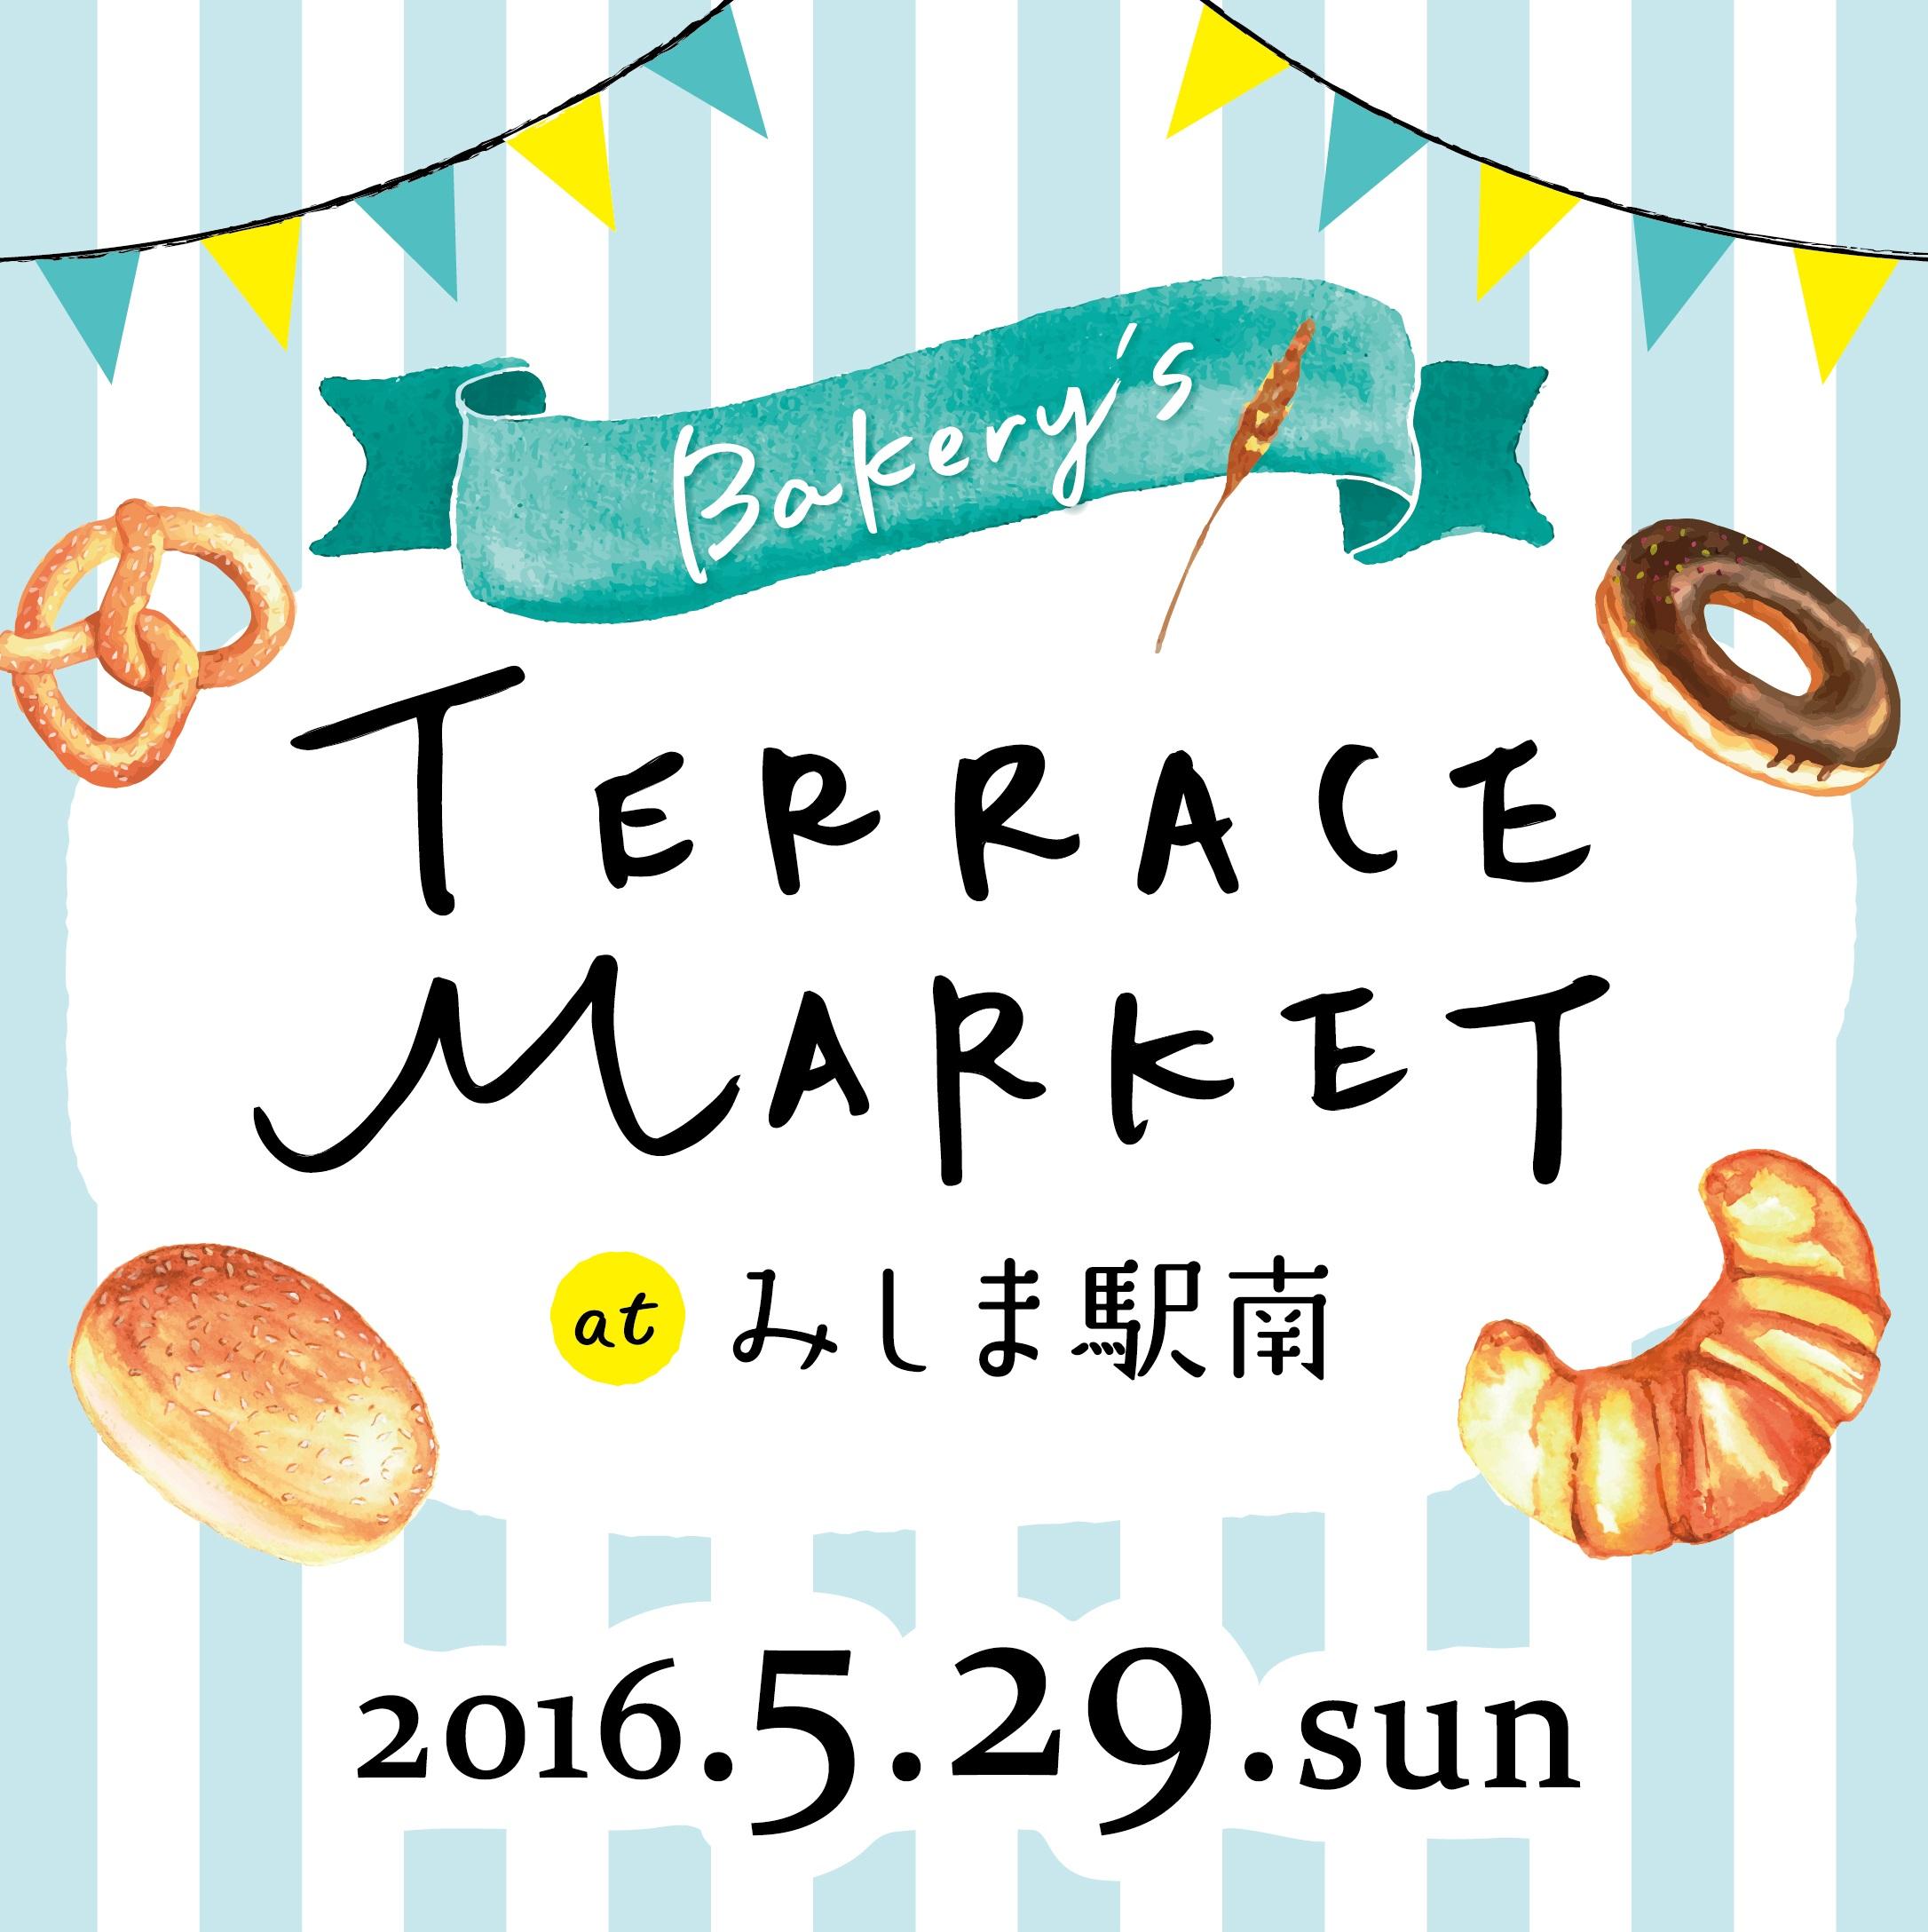 特集・テラスマーケットロゴ(三島新聞堂)